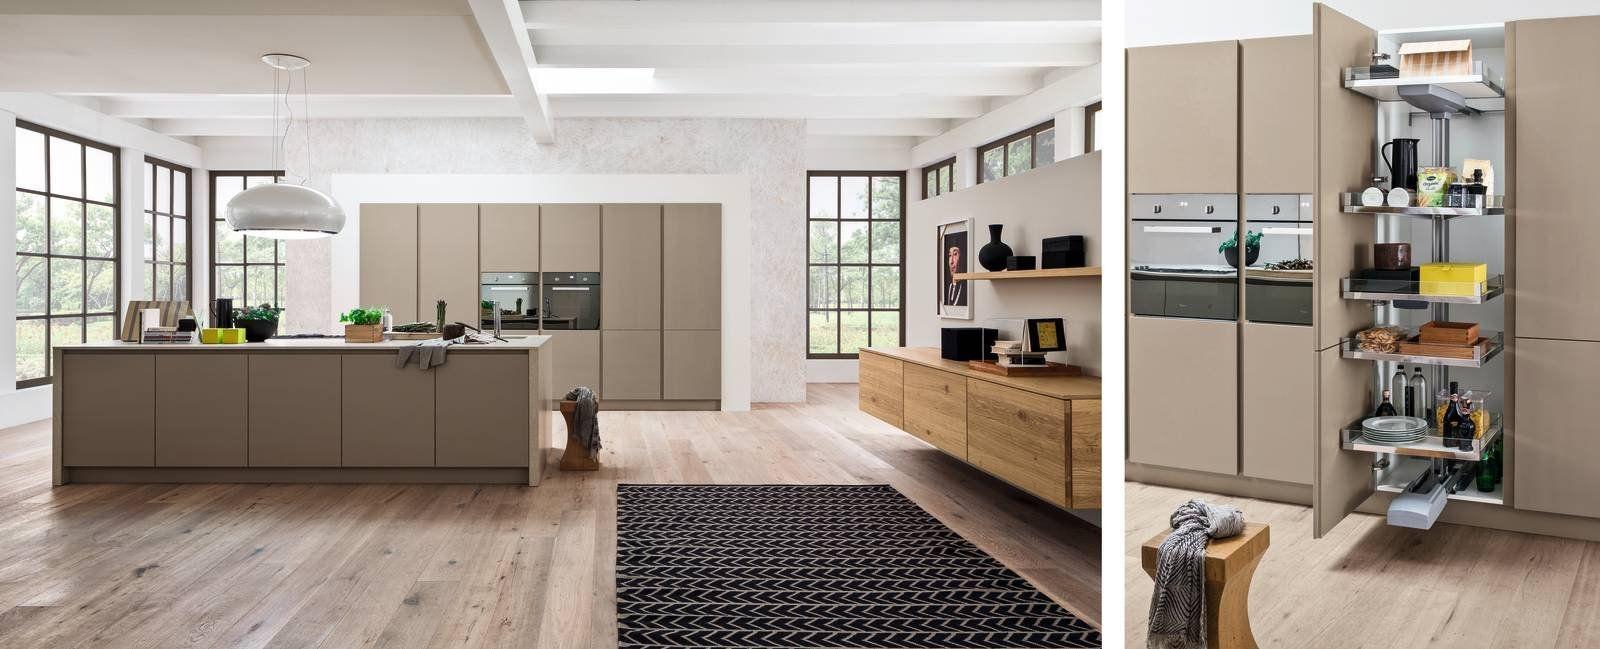 Dentro i mobili della cucina: spazio in più, facile da usare nel ...